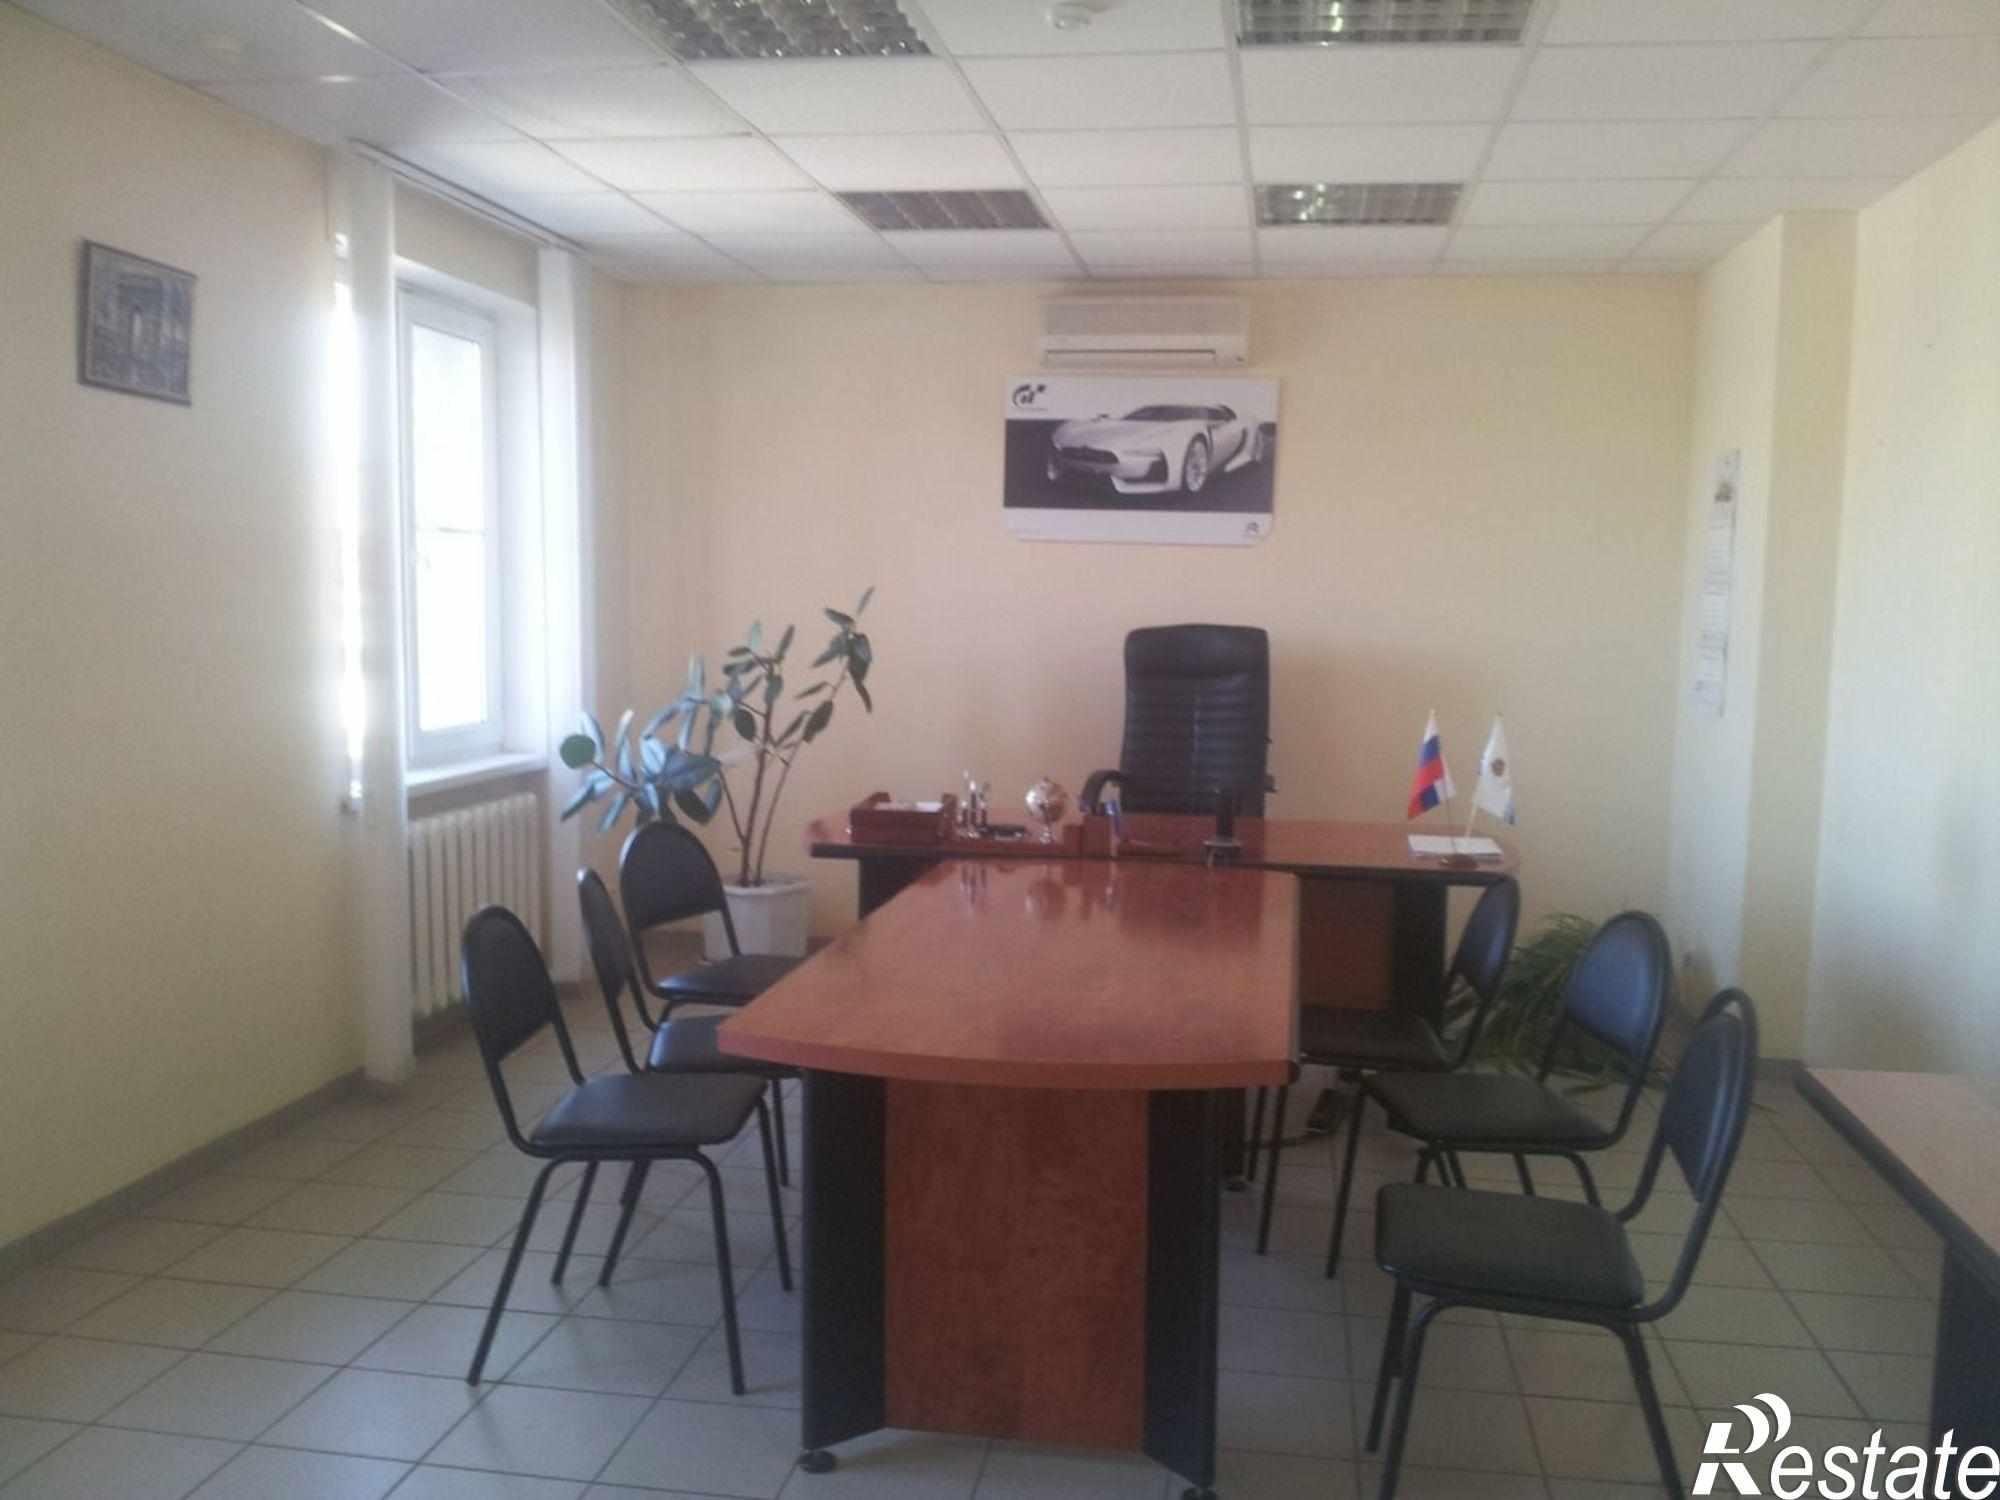 Сдать офис, помещение под офис за 77 500 рублей на г. Астрахань, Советский район, ул. Ширяева, 8а